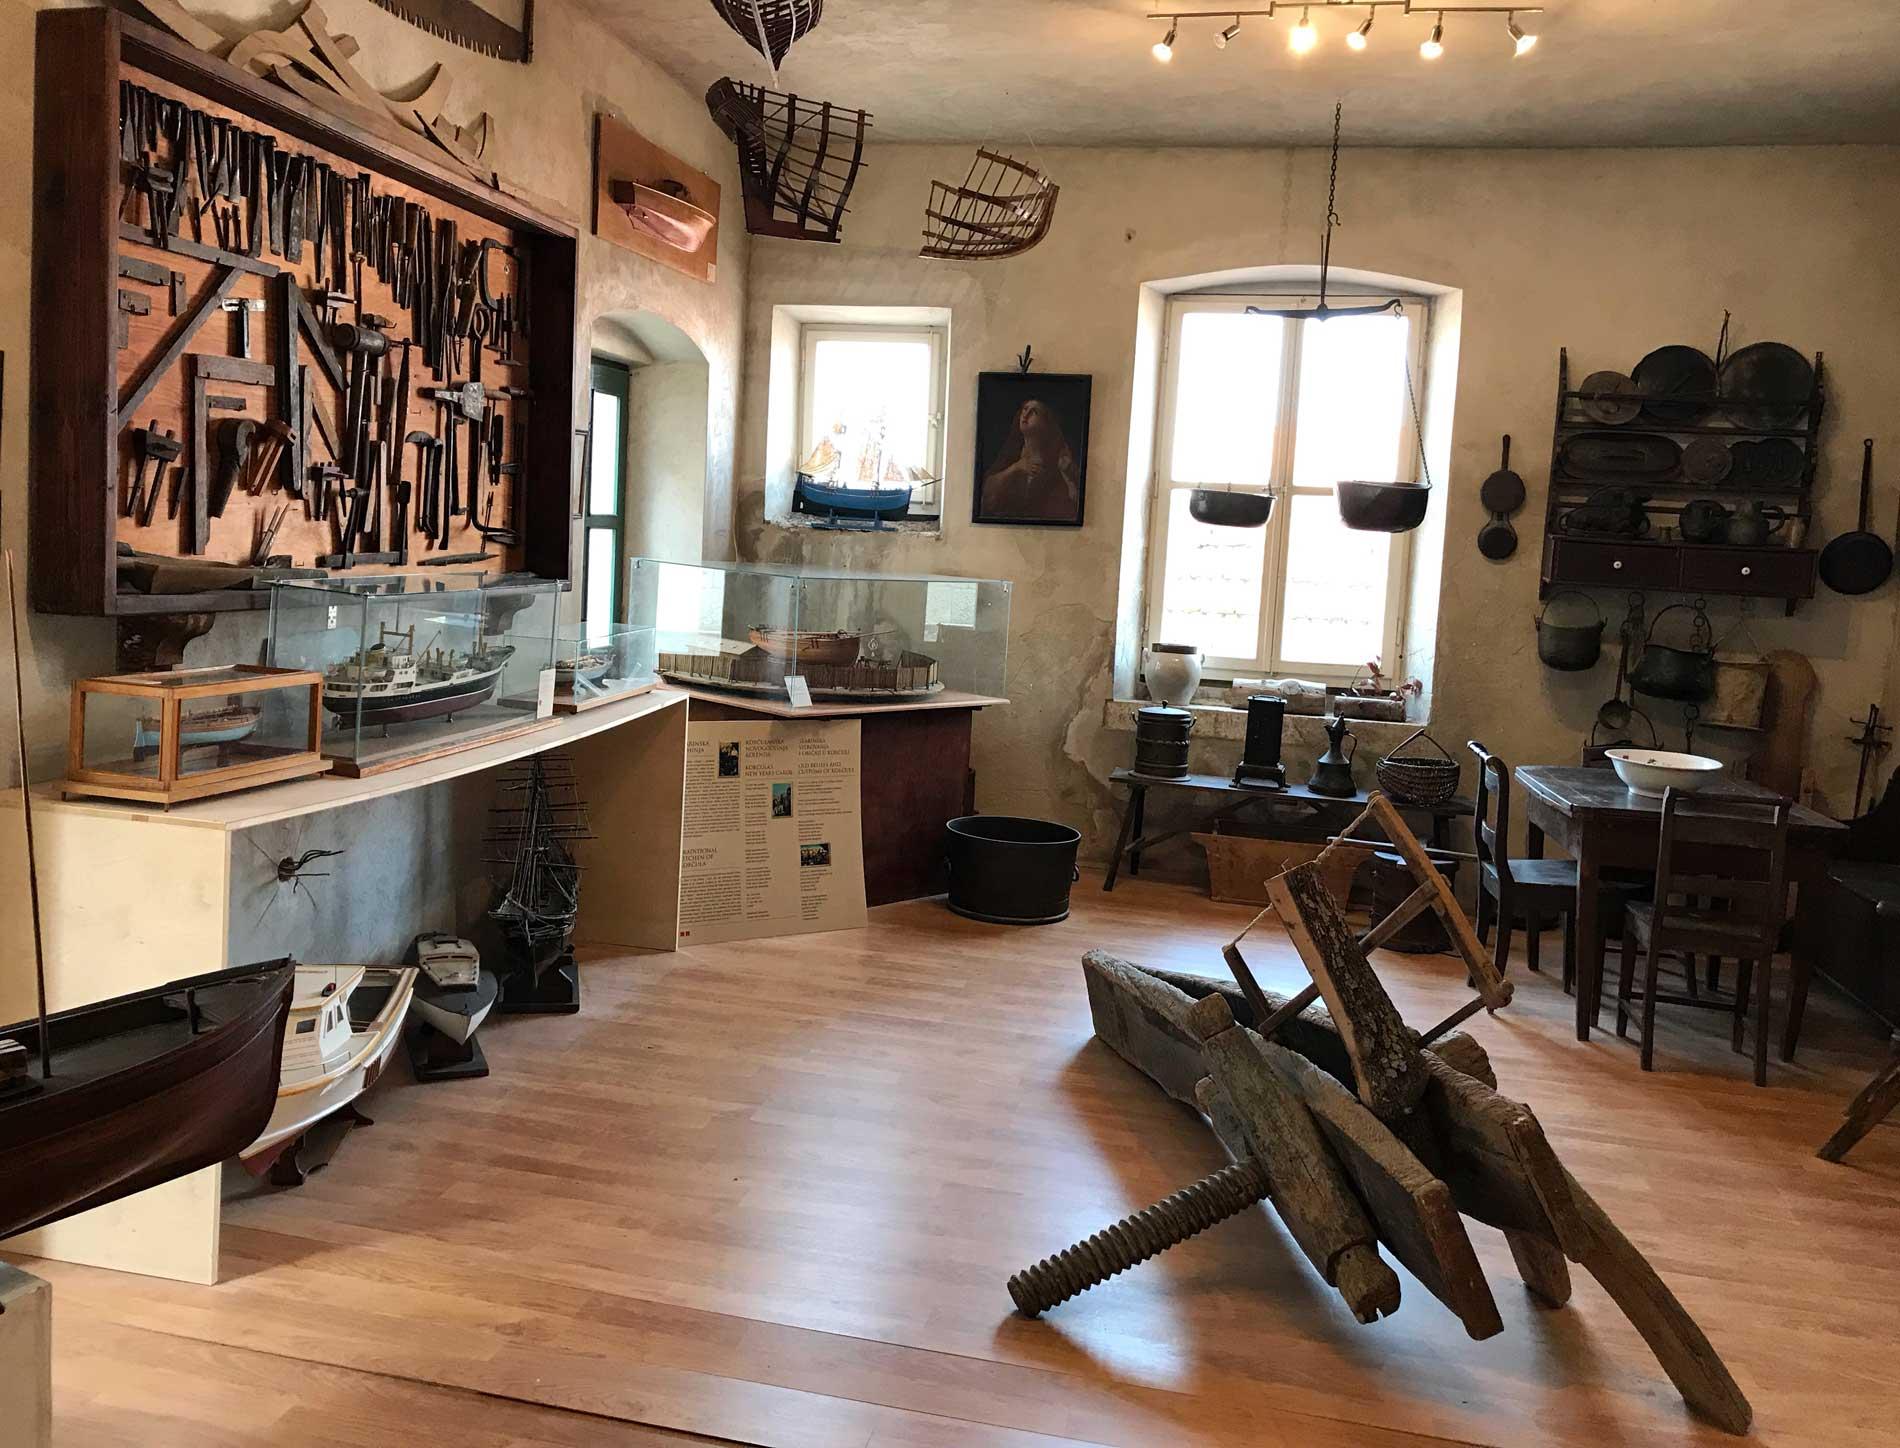 Korcula-Curzola-Croazia-museo-civico-attrezzi-cantieristica-navale